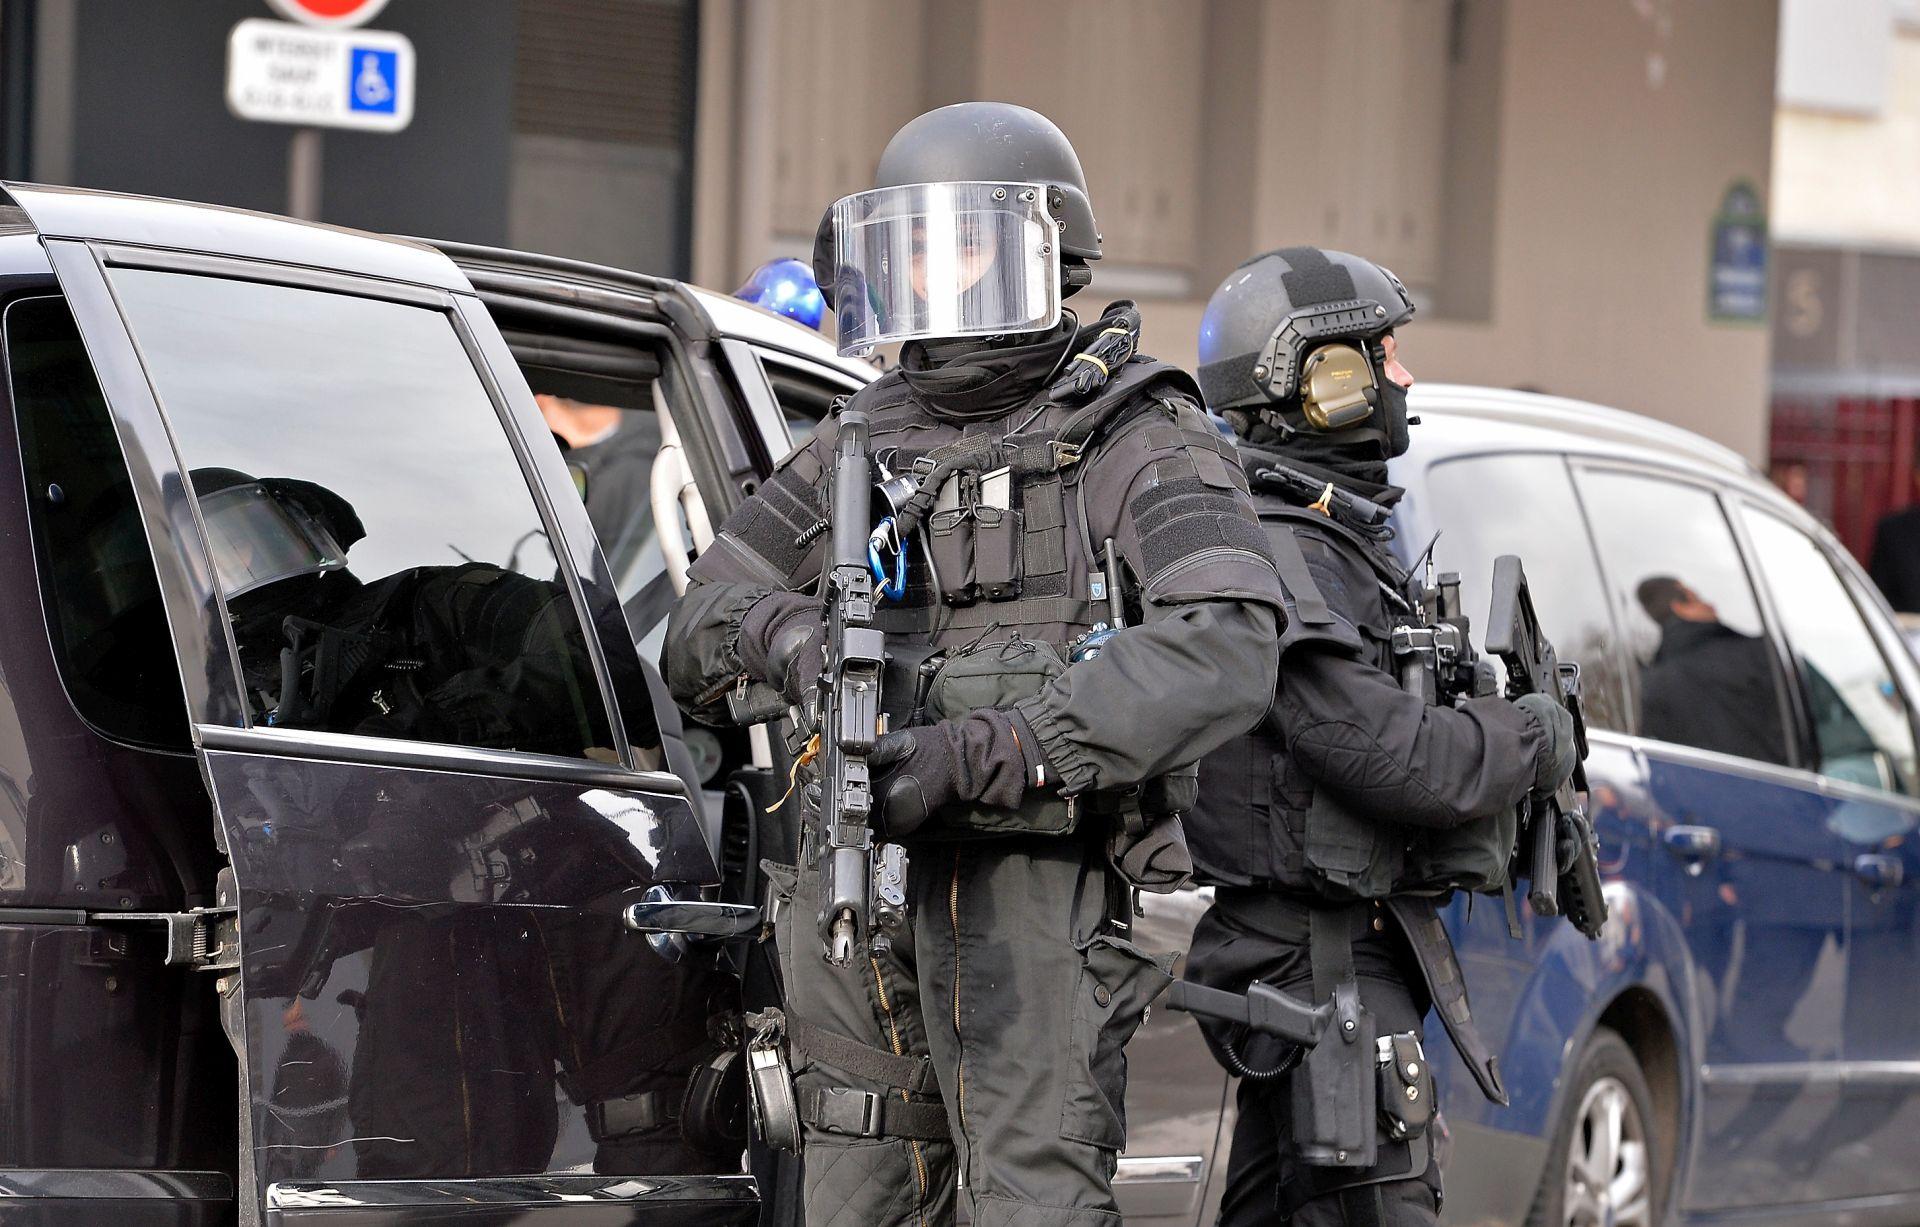 DŽIHADISTI PRIJETE Francuska spriječila teroristički napad na vojne baze